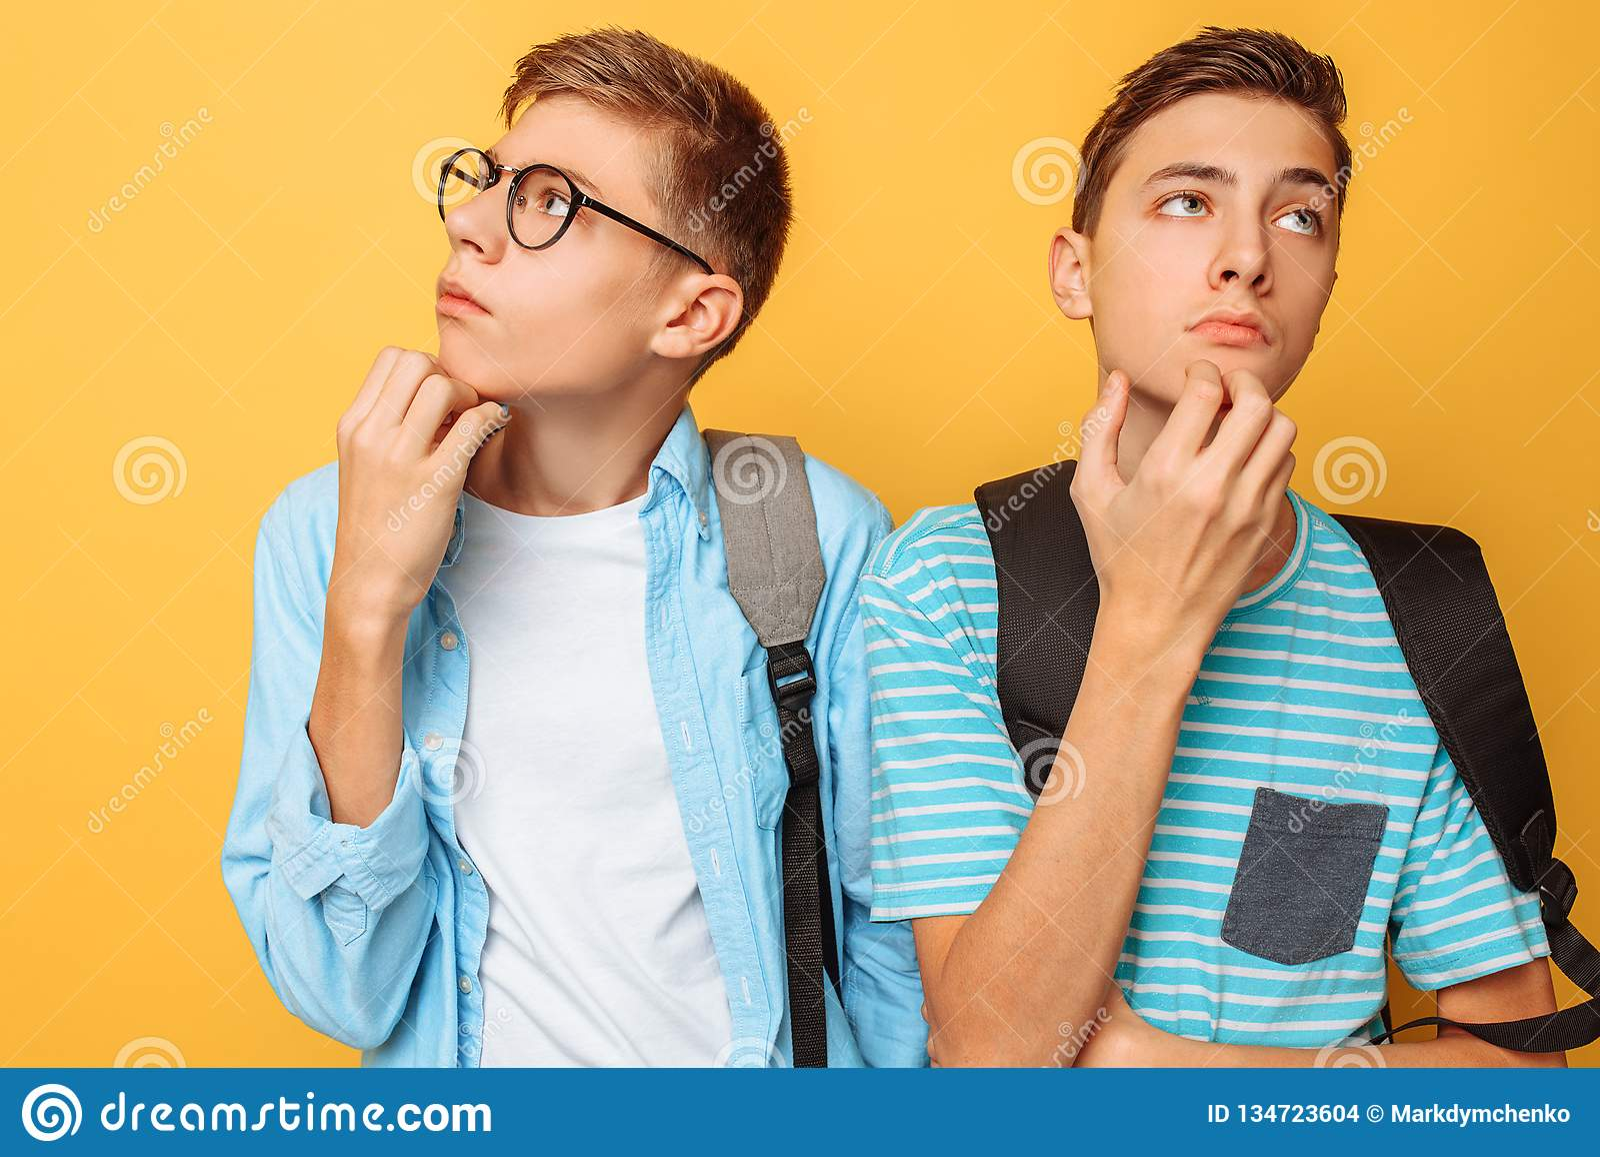 Dois adolescentes pensativos, indivíduos que estão tentando encontrar a solução direita ou fazer planos, em um fundo amarelo